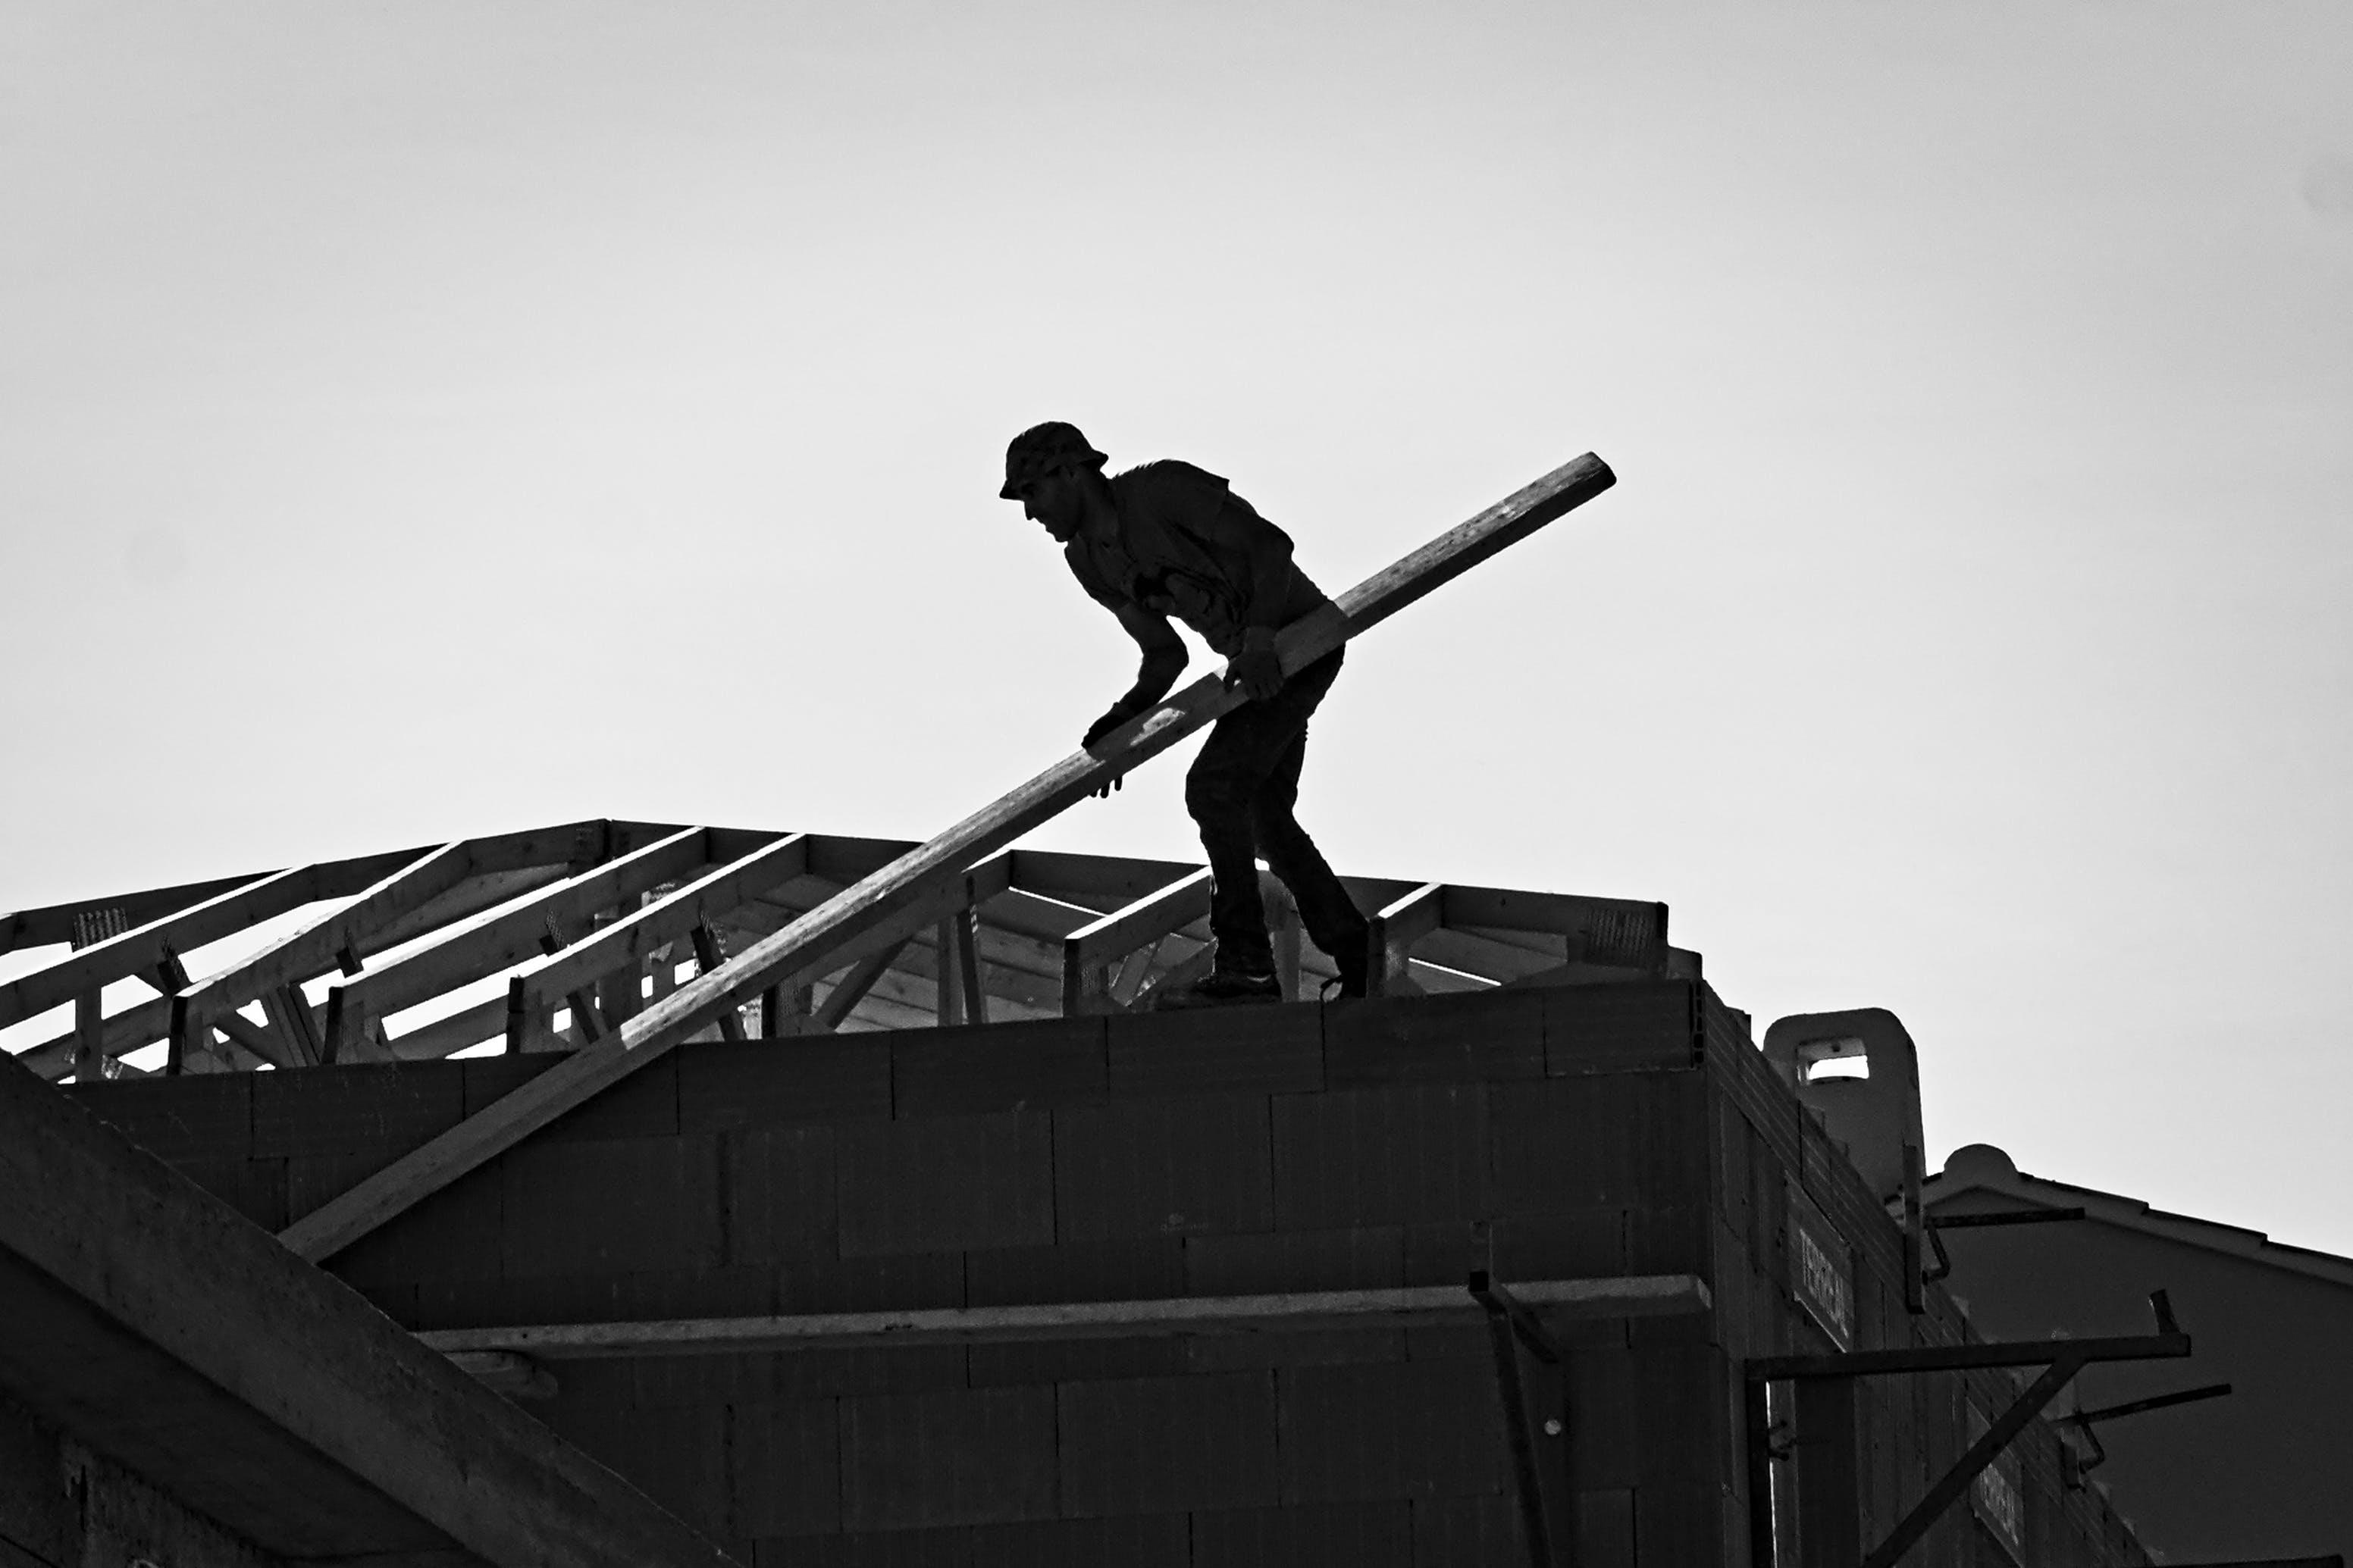 Free stock photo of équilibriste, charpentier, monochrome, noir et blanc